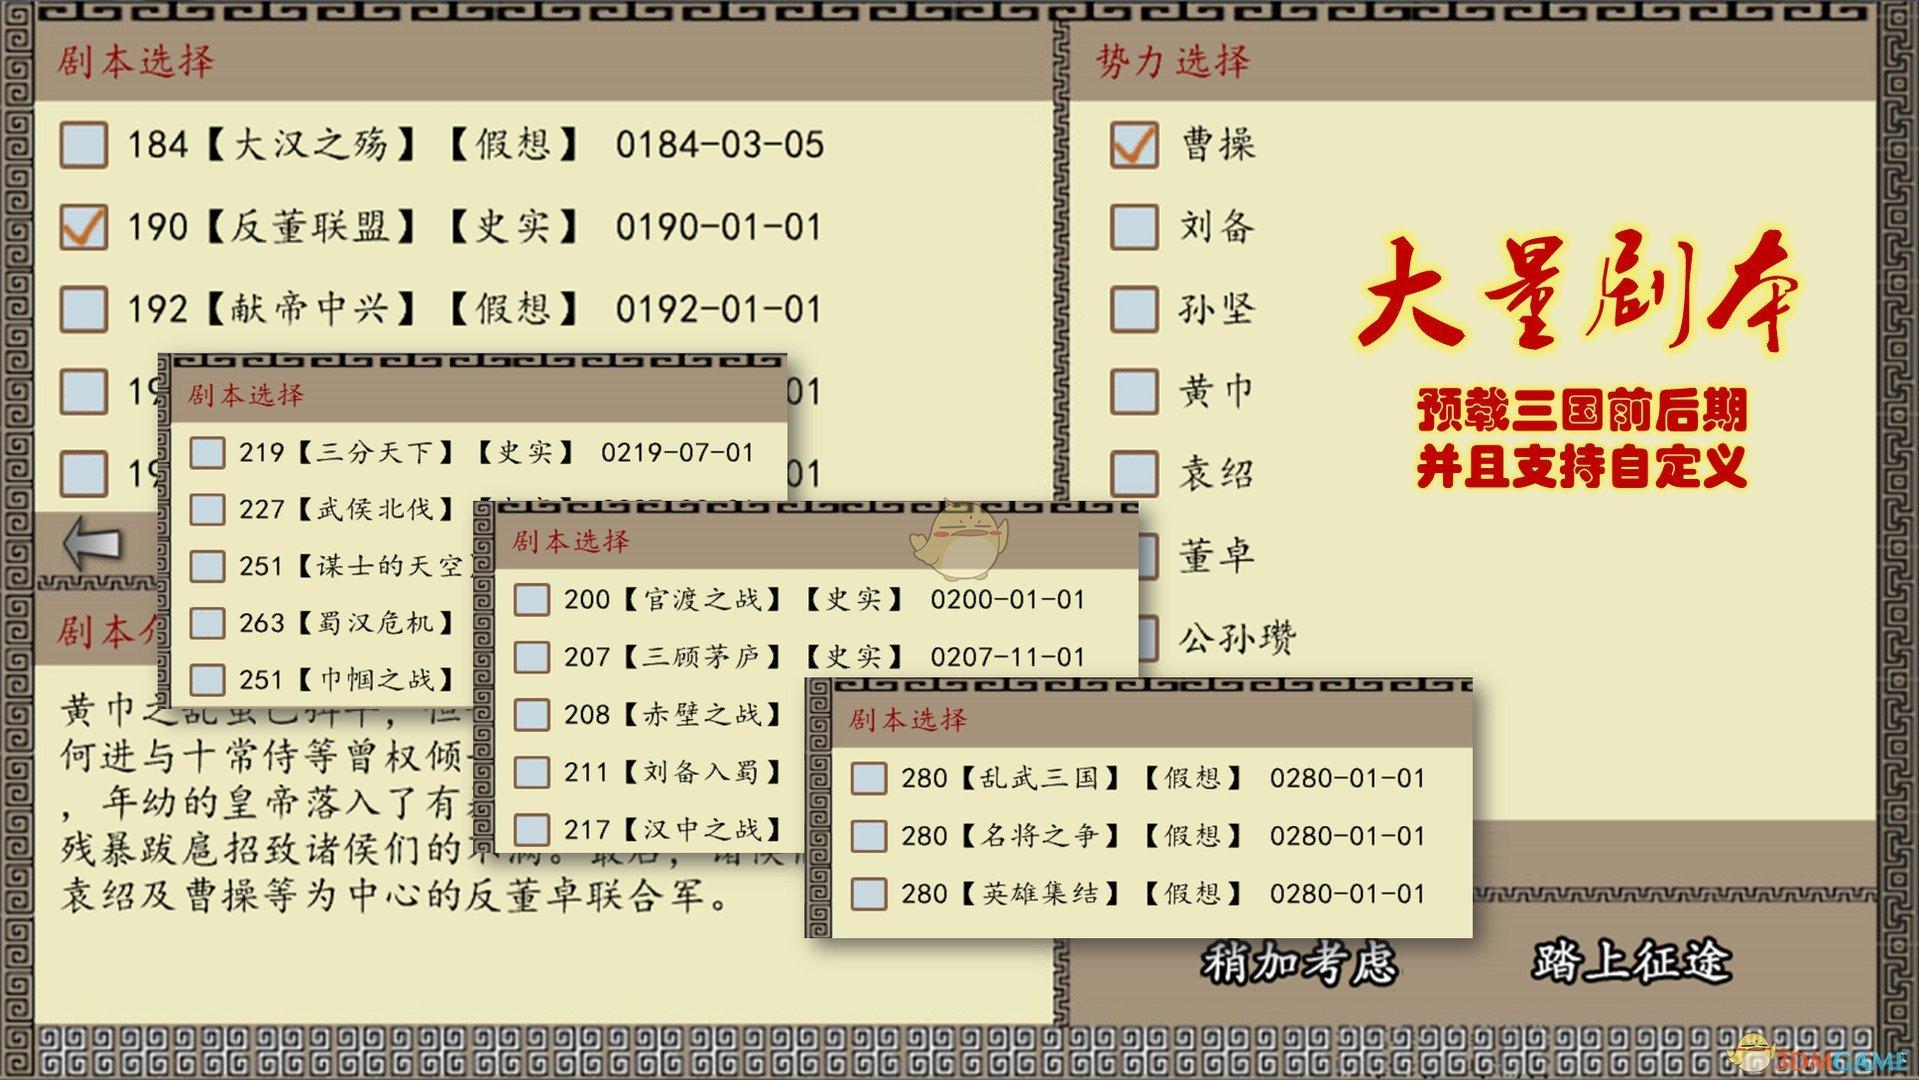 《中华三国志》厌恶关系机制介绍